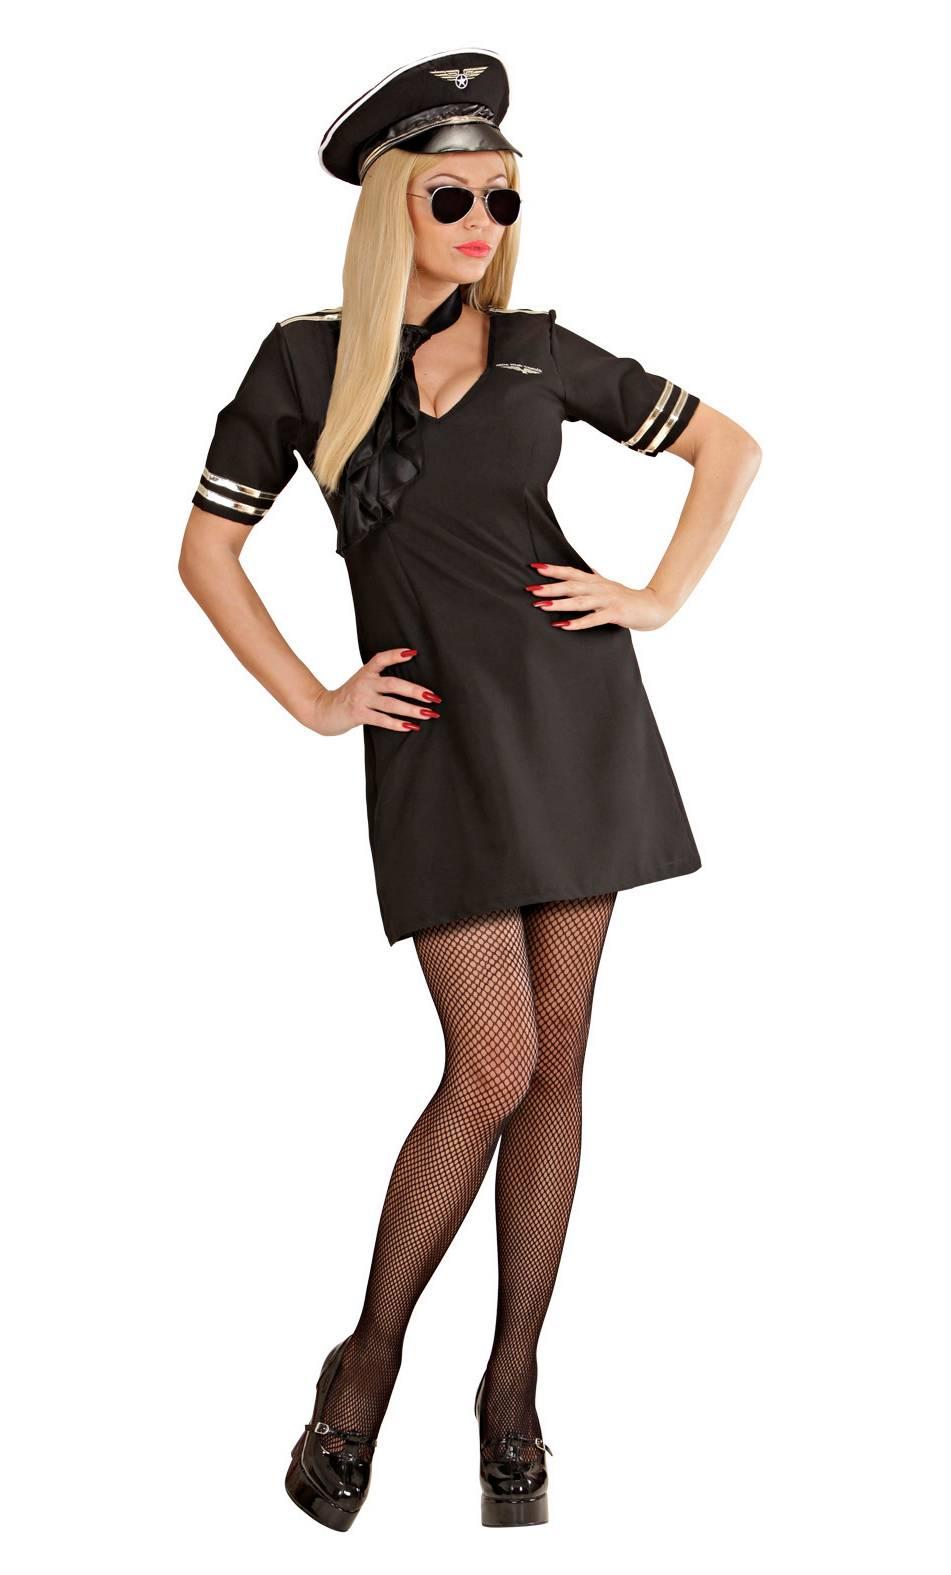 Costume de pilote pour femme